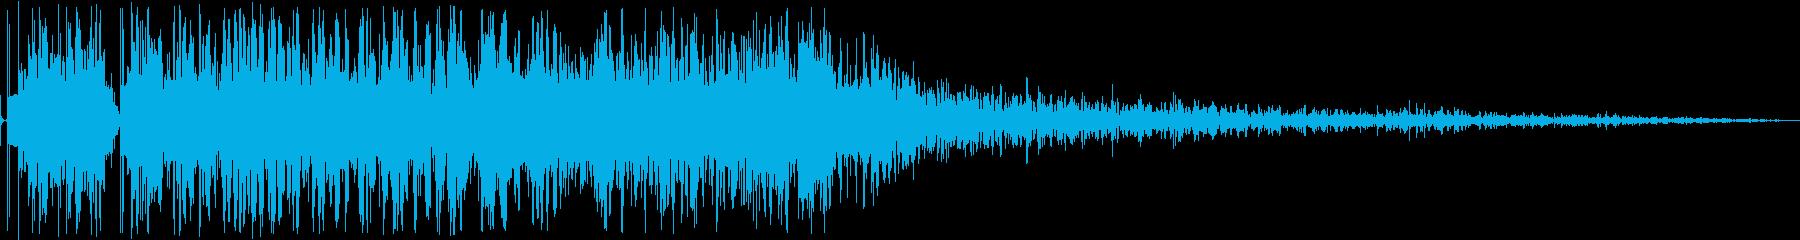 【本物】戦車砲(ソニックブーム発生)の再生済みの波形